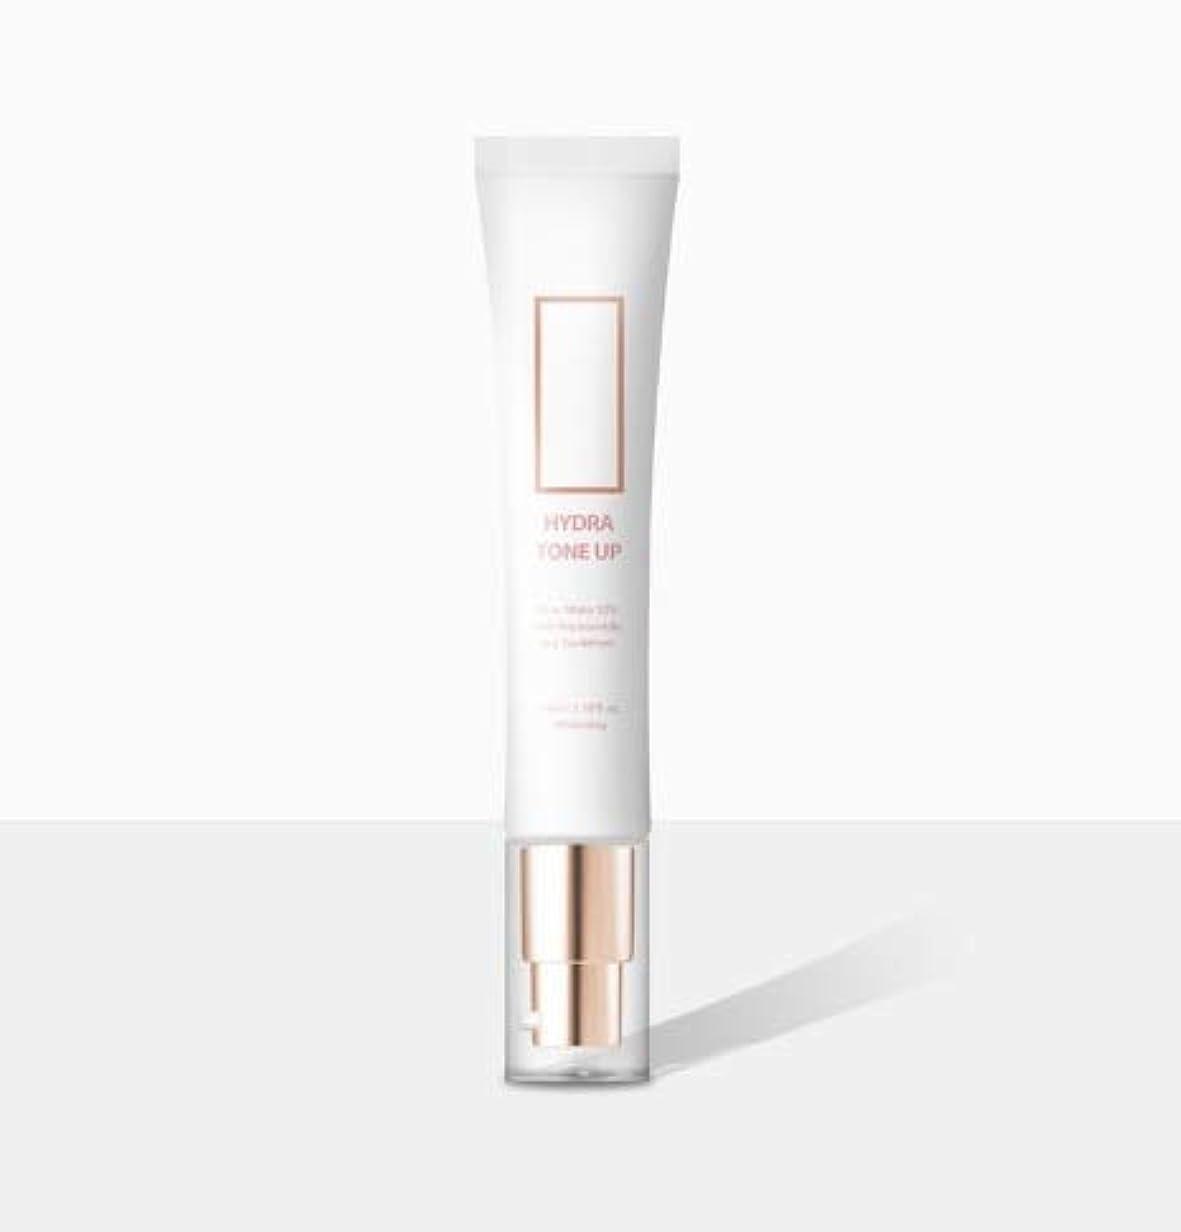 ヒゲクジラ形式城AIDA 10mgRx ヒドラトーンアップクリーム 35ml (すべての肌タイプのために、明るくしわ) / Hydra Tone-Up Cream